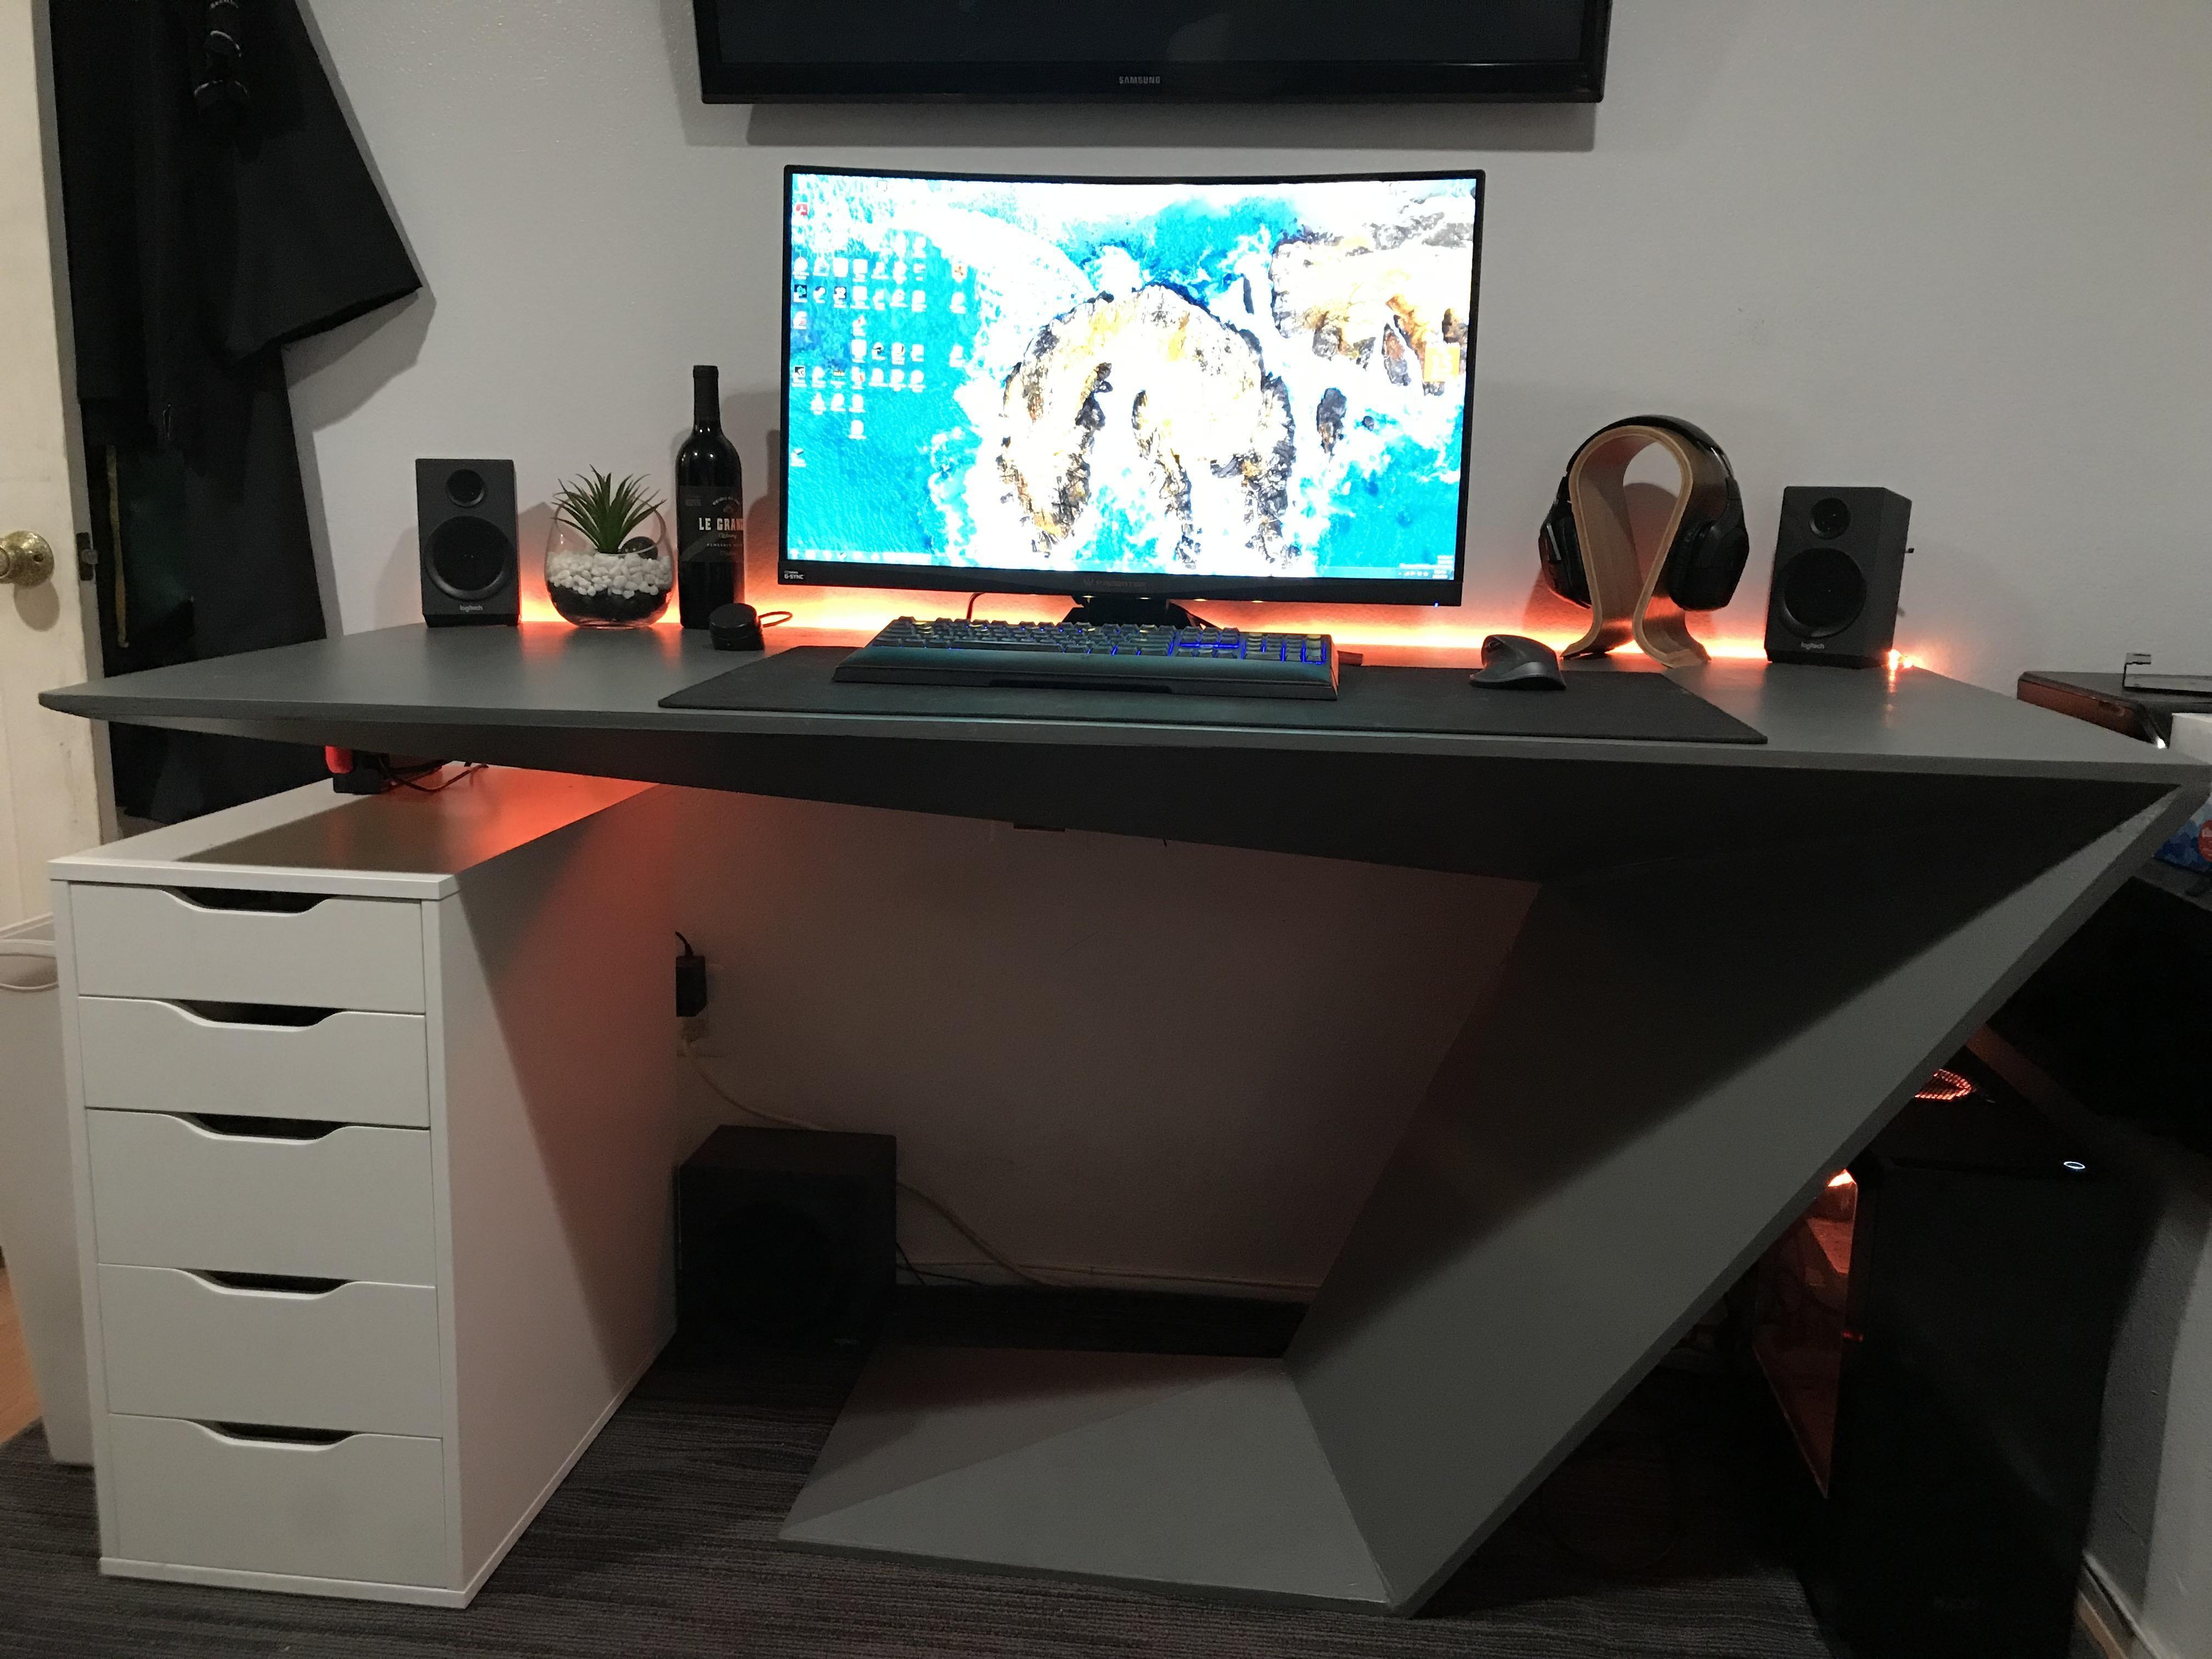 The Furtif Desk Battlesation Desk Standing Desk Home Decor